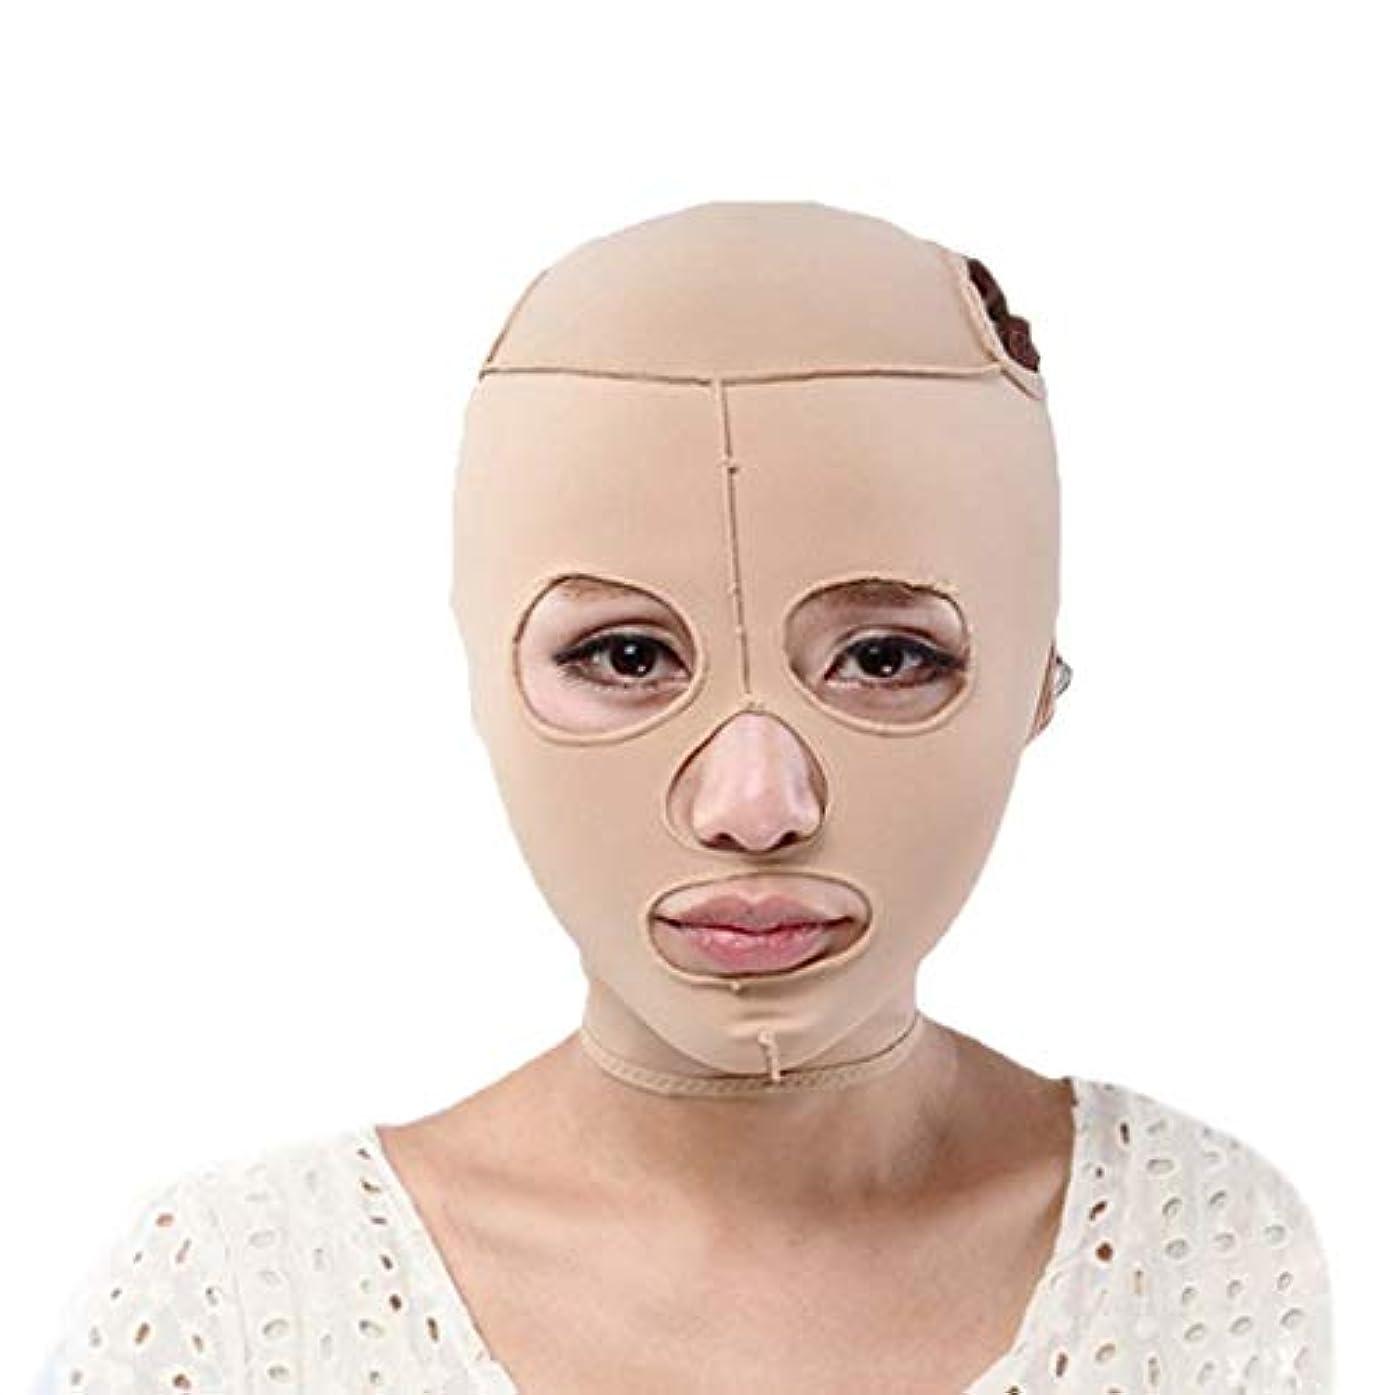 聡明ガスシャベルチンストラップ、顔の減量アンチシワマスク、快適な通気性マスク付きオールインクルーシブフェイス、薄型フェイスマスクリフティング包帯引き締め(サイズ:S),L